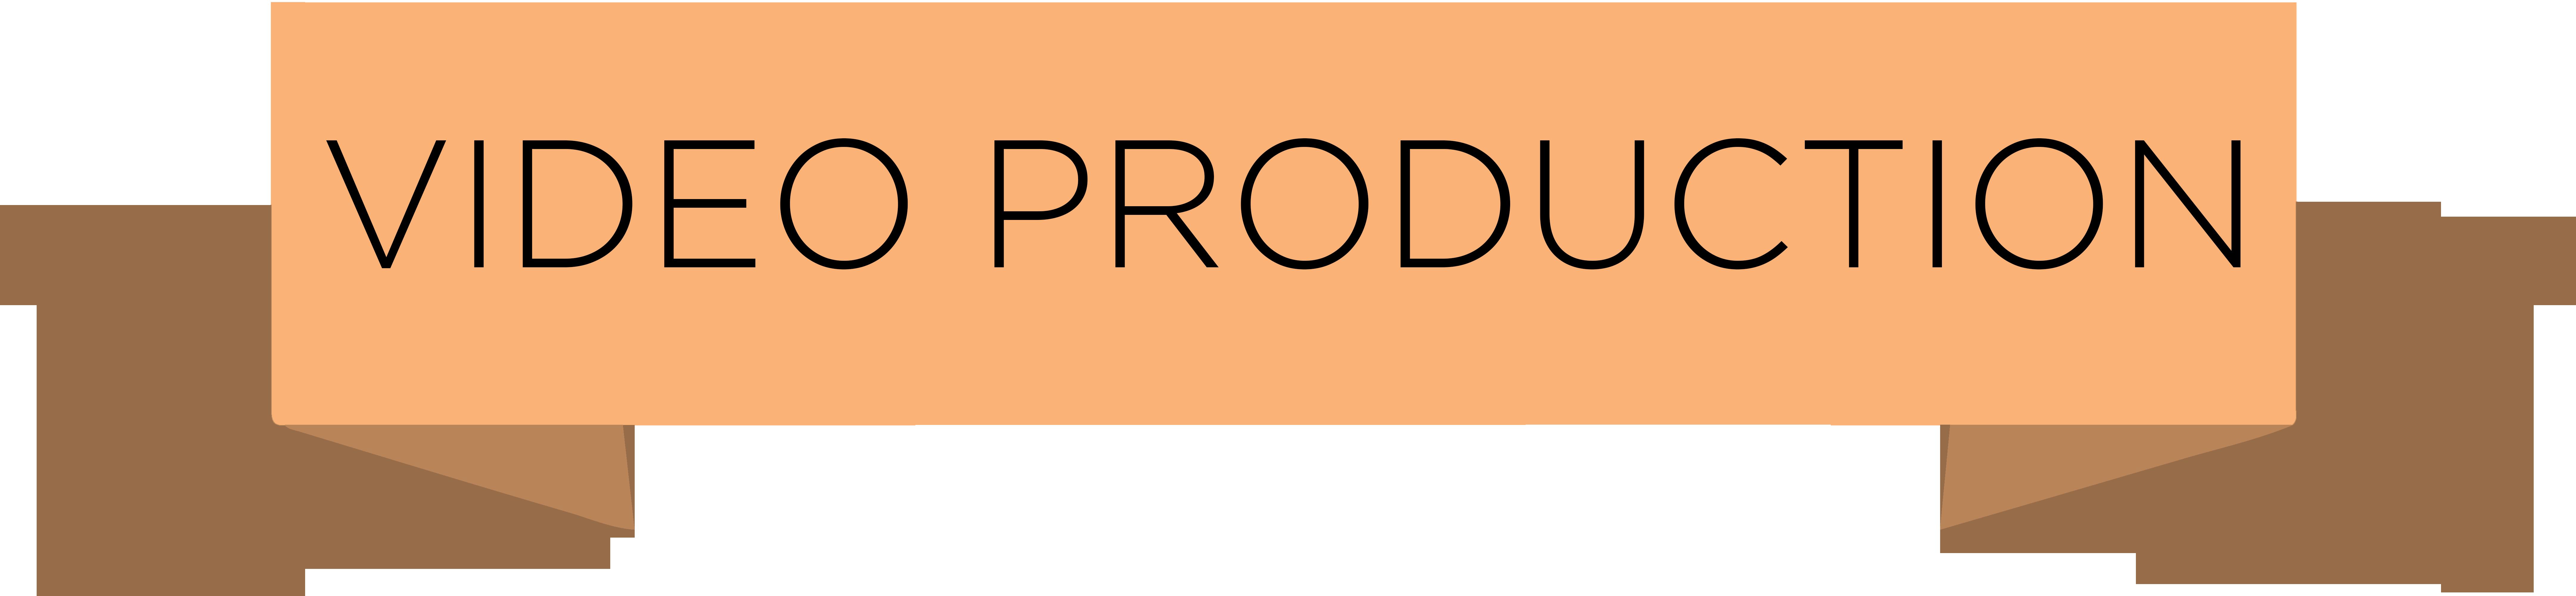 bannerwebdesign